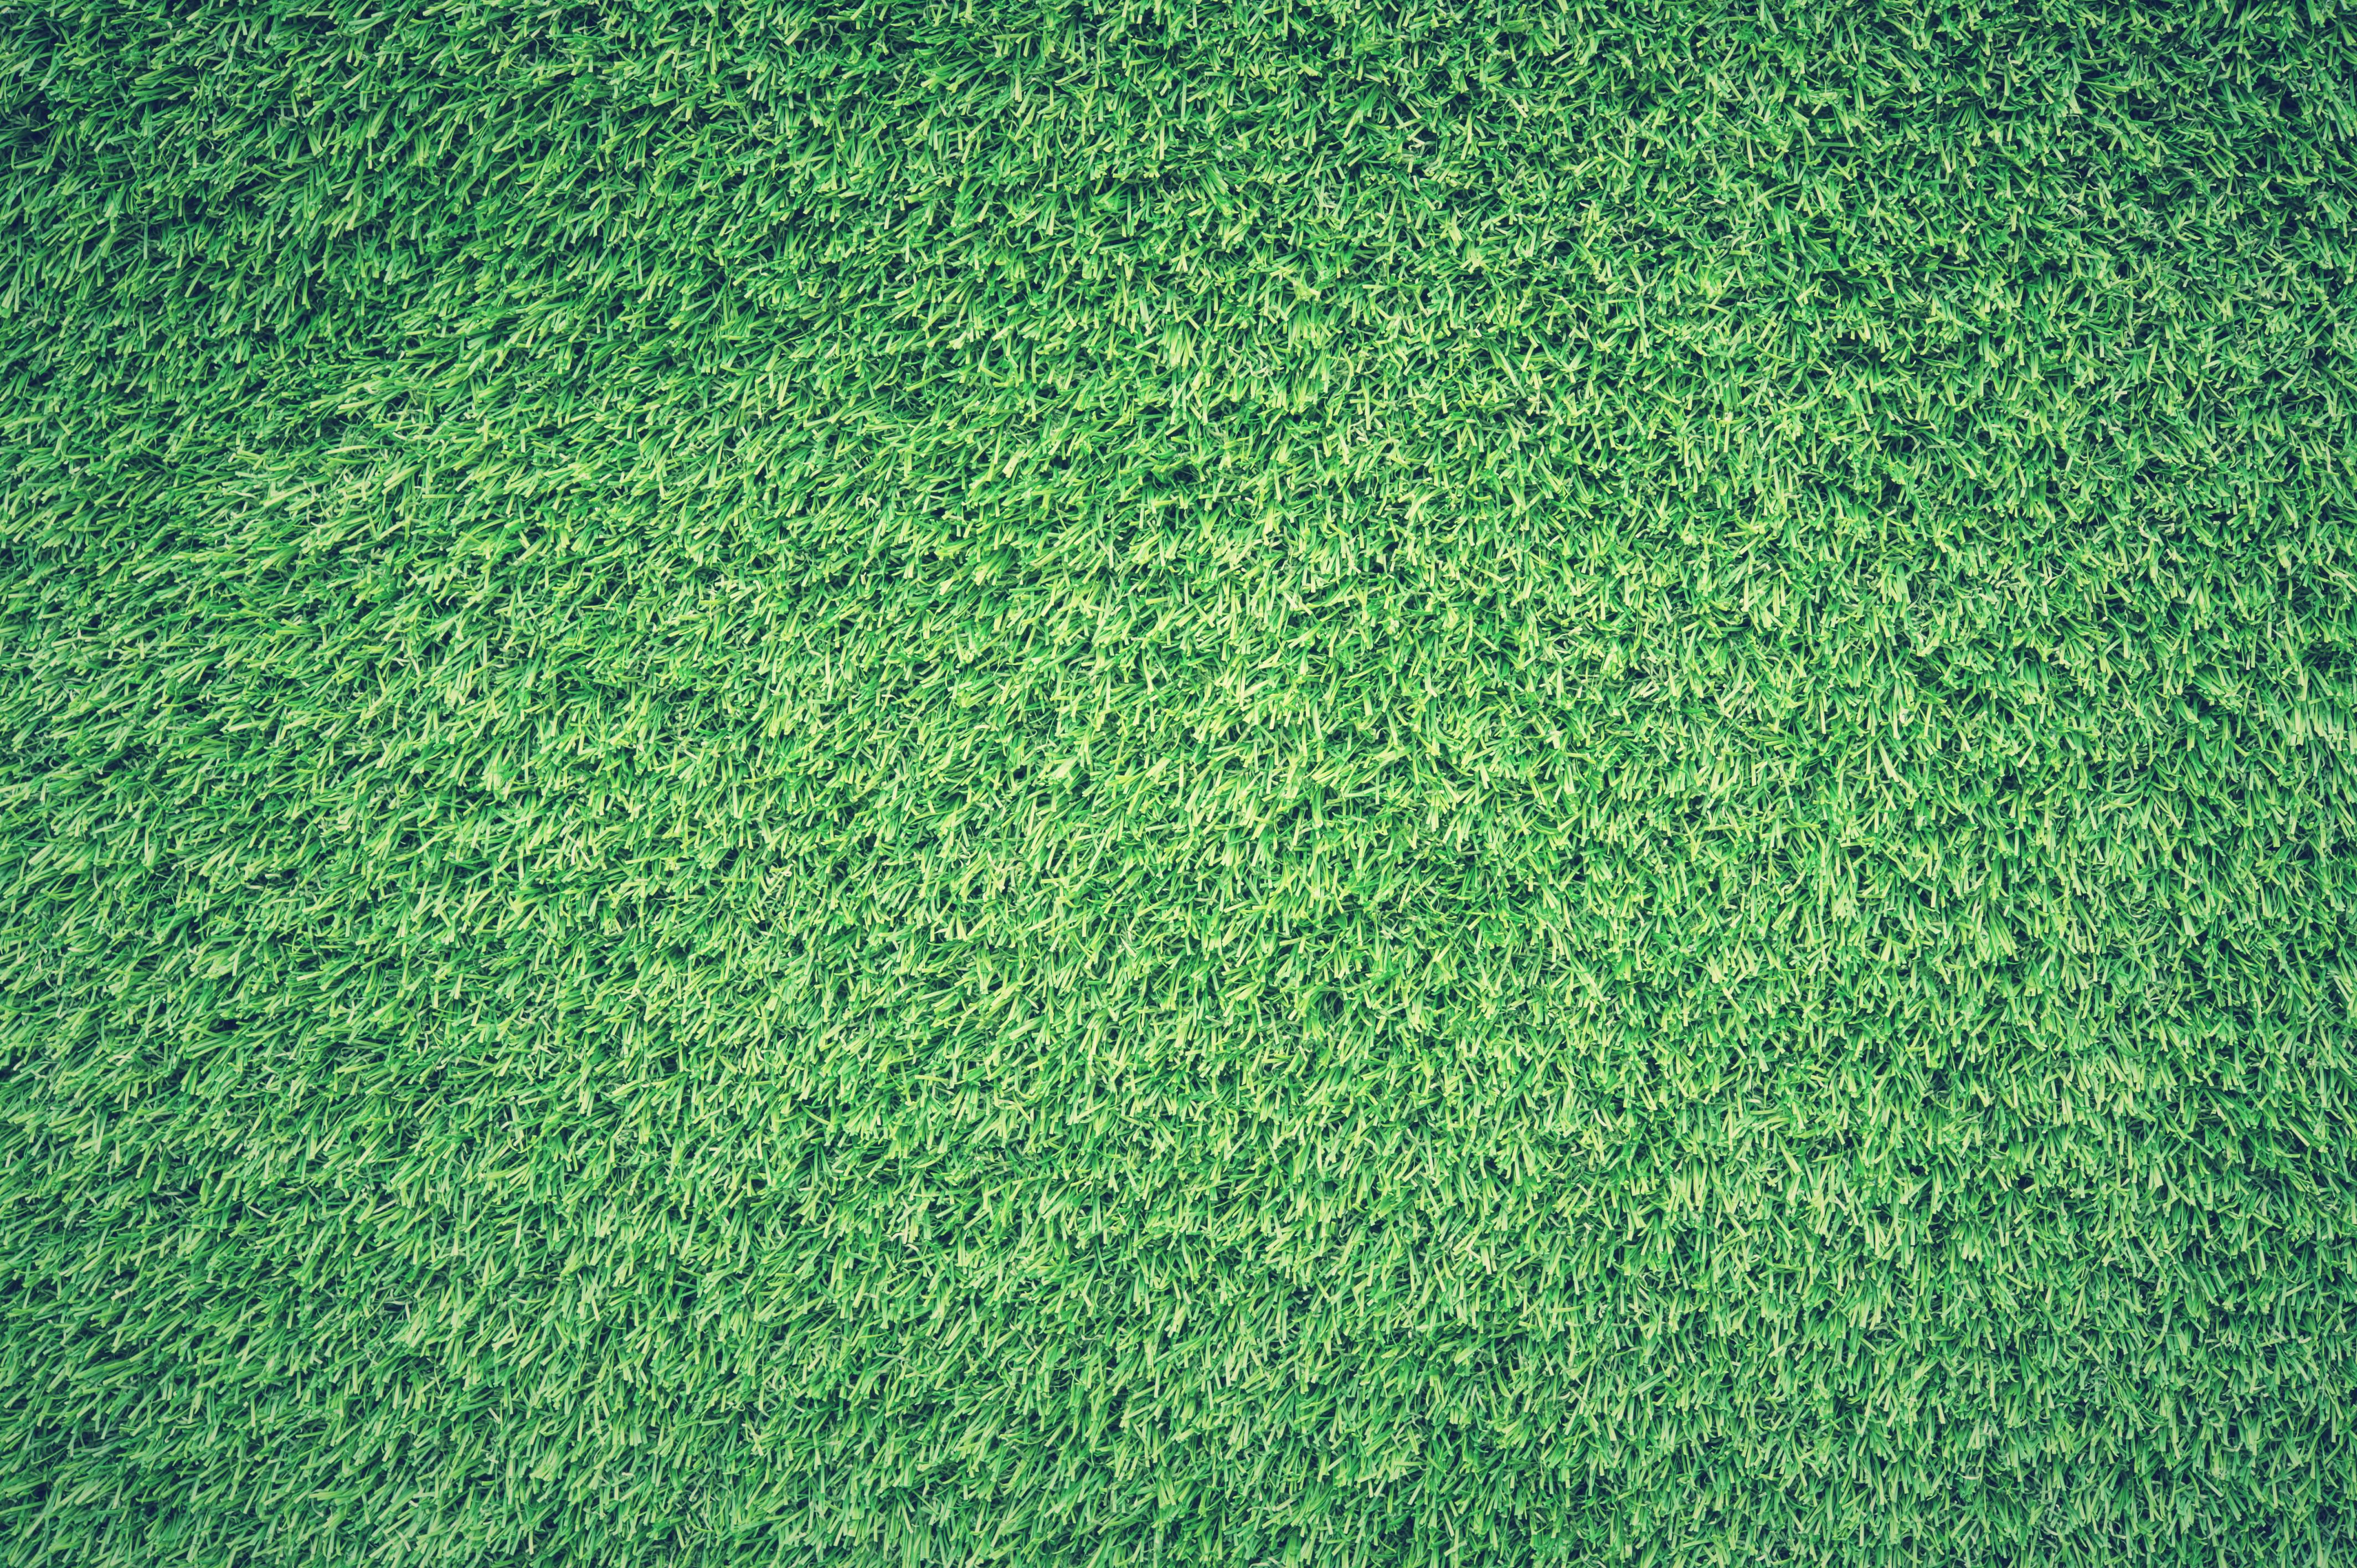 Fotos gratis : planta, campo, textura, hoja, verde, cultivo, suelo ...